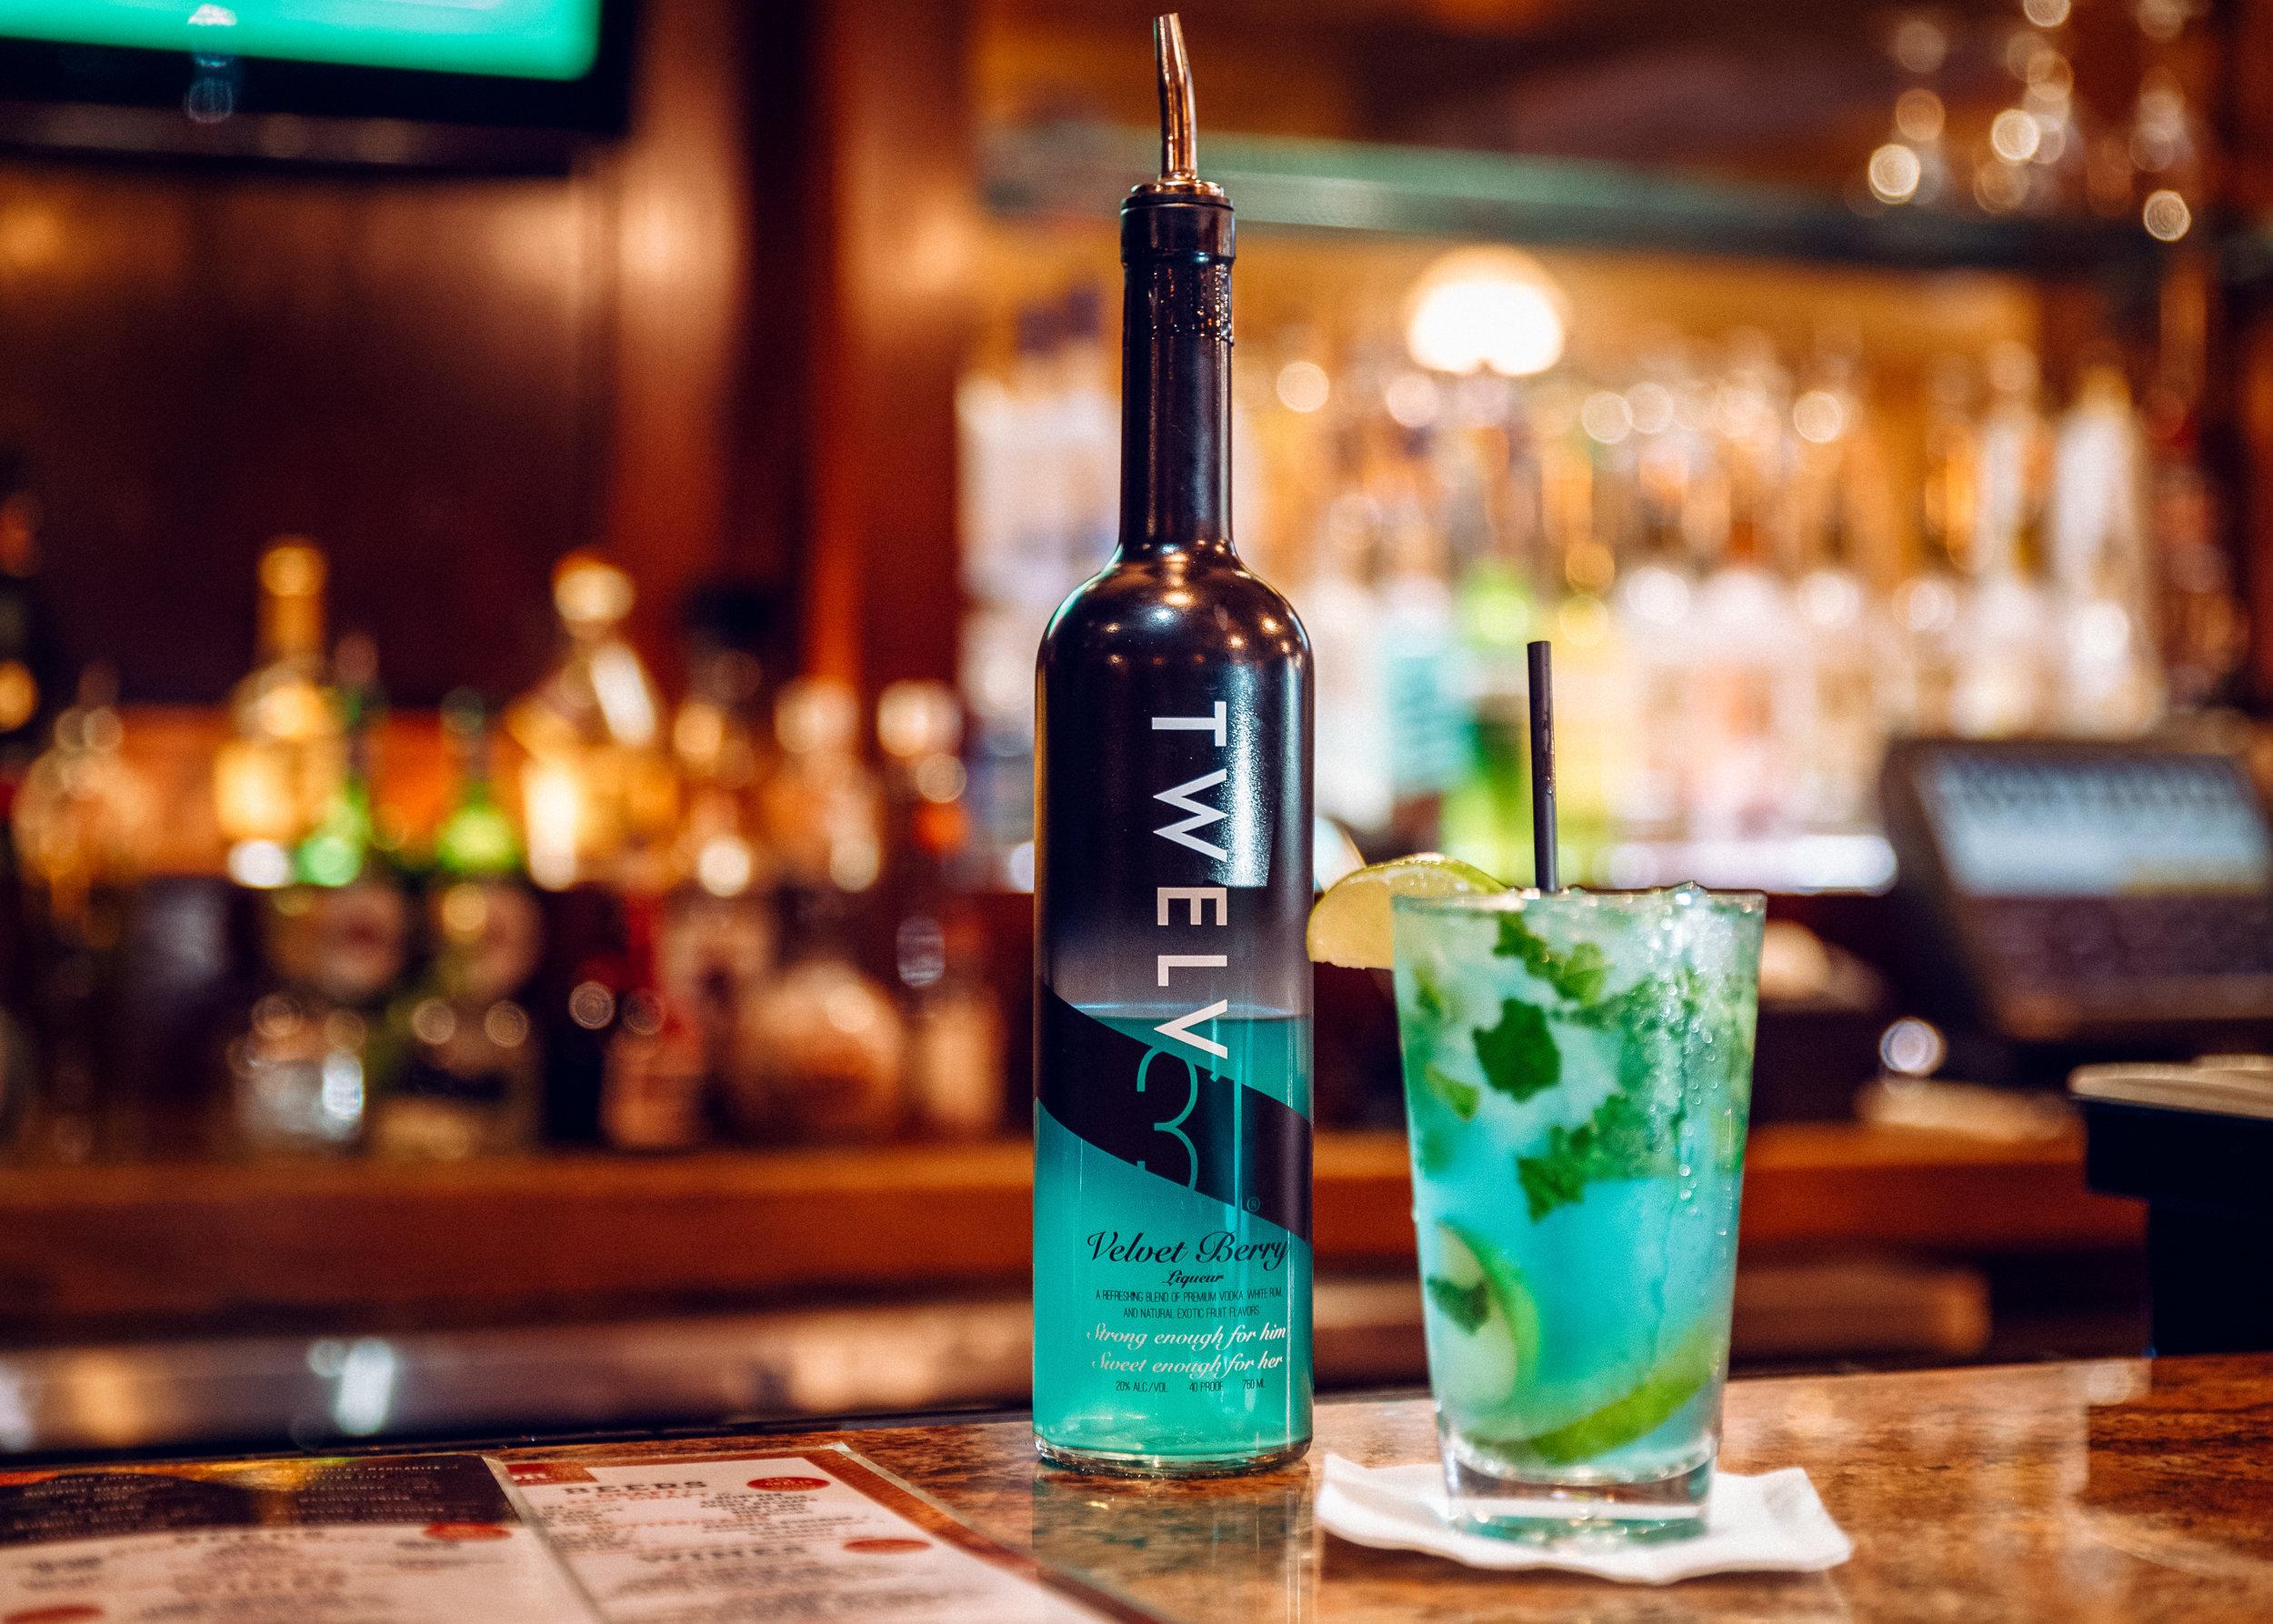 Twelv 31 Velvet Berry Liquor Black Bottle.- Mojito Drink